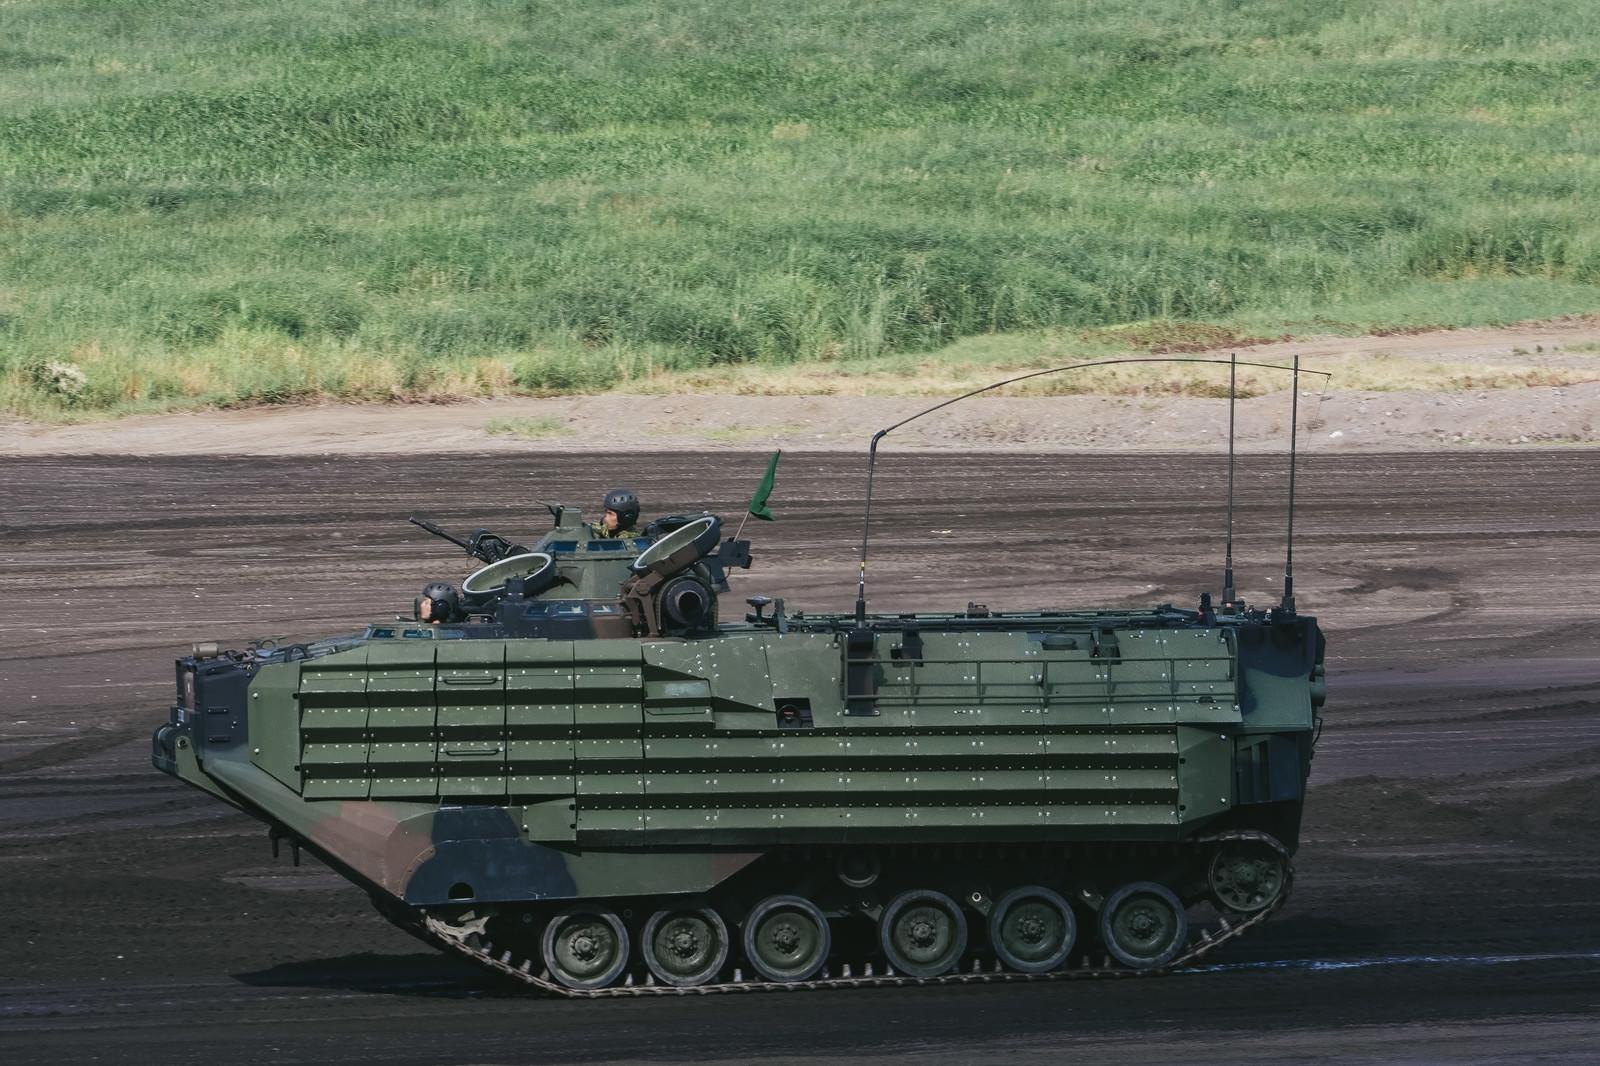 「次世代陸自の新装備! 水陸両用車「AAV」次世代陸自の新装備! 水陸両用車「AAV」」のフリー写真素材を拡大